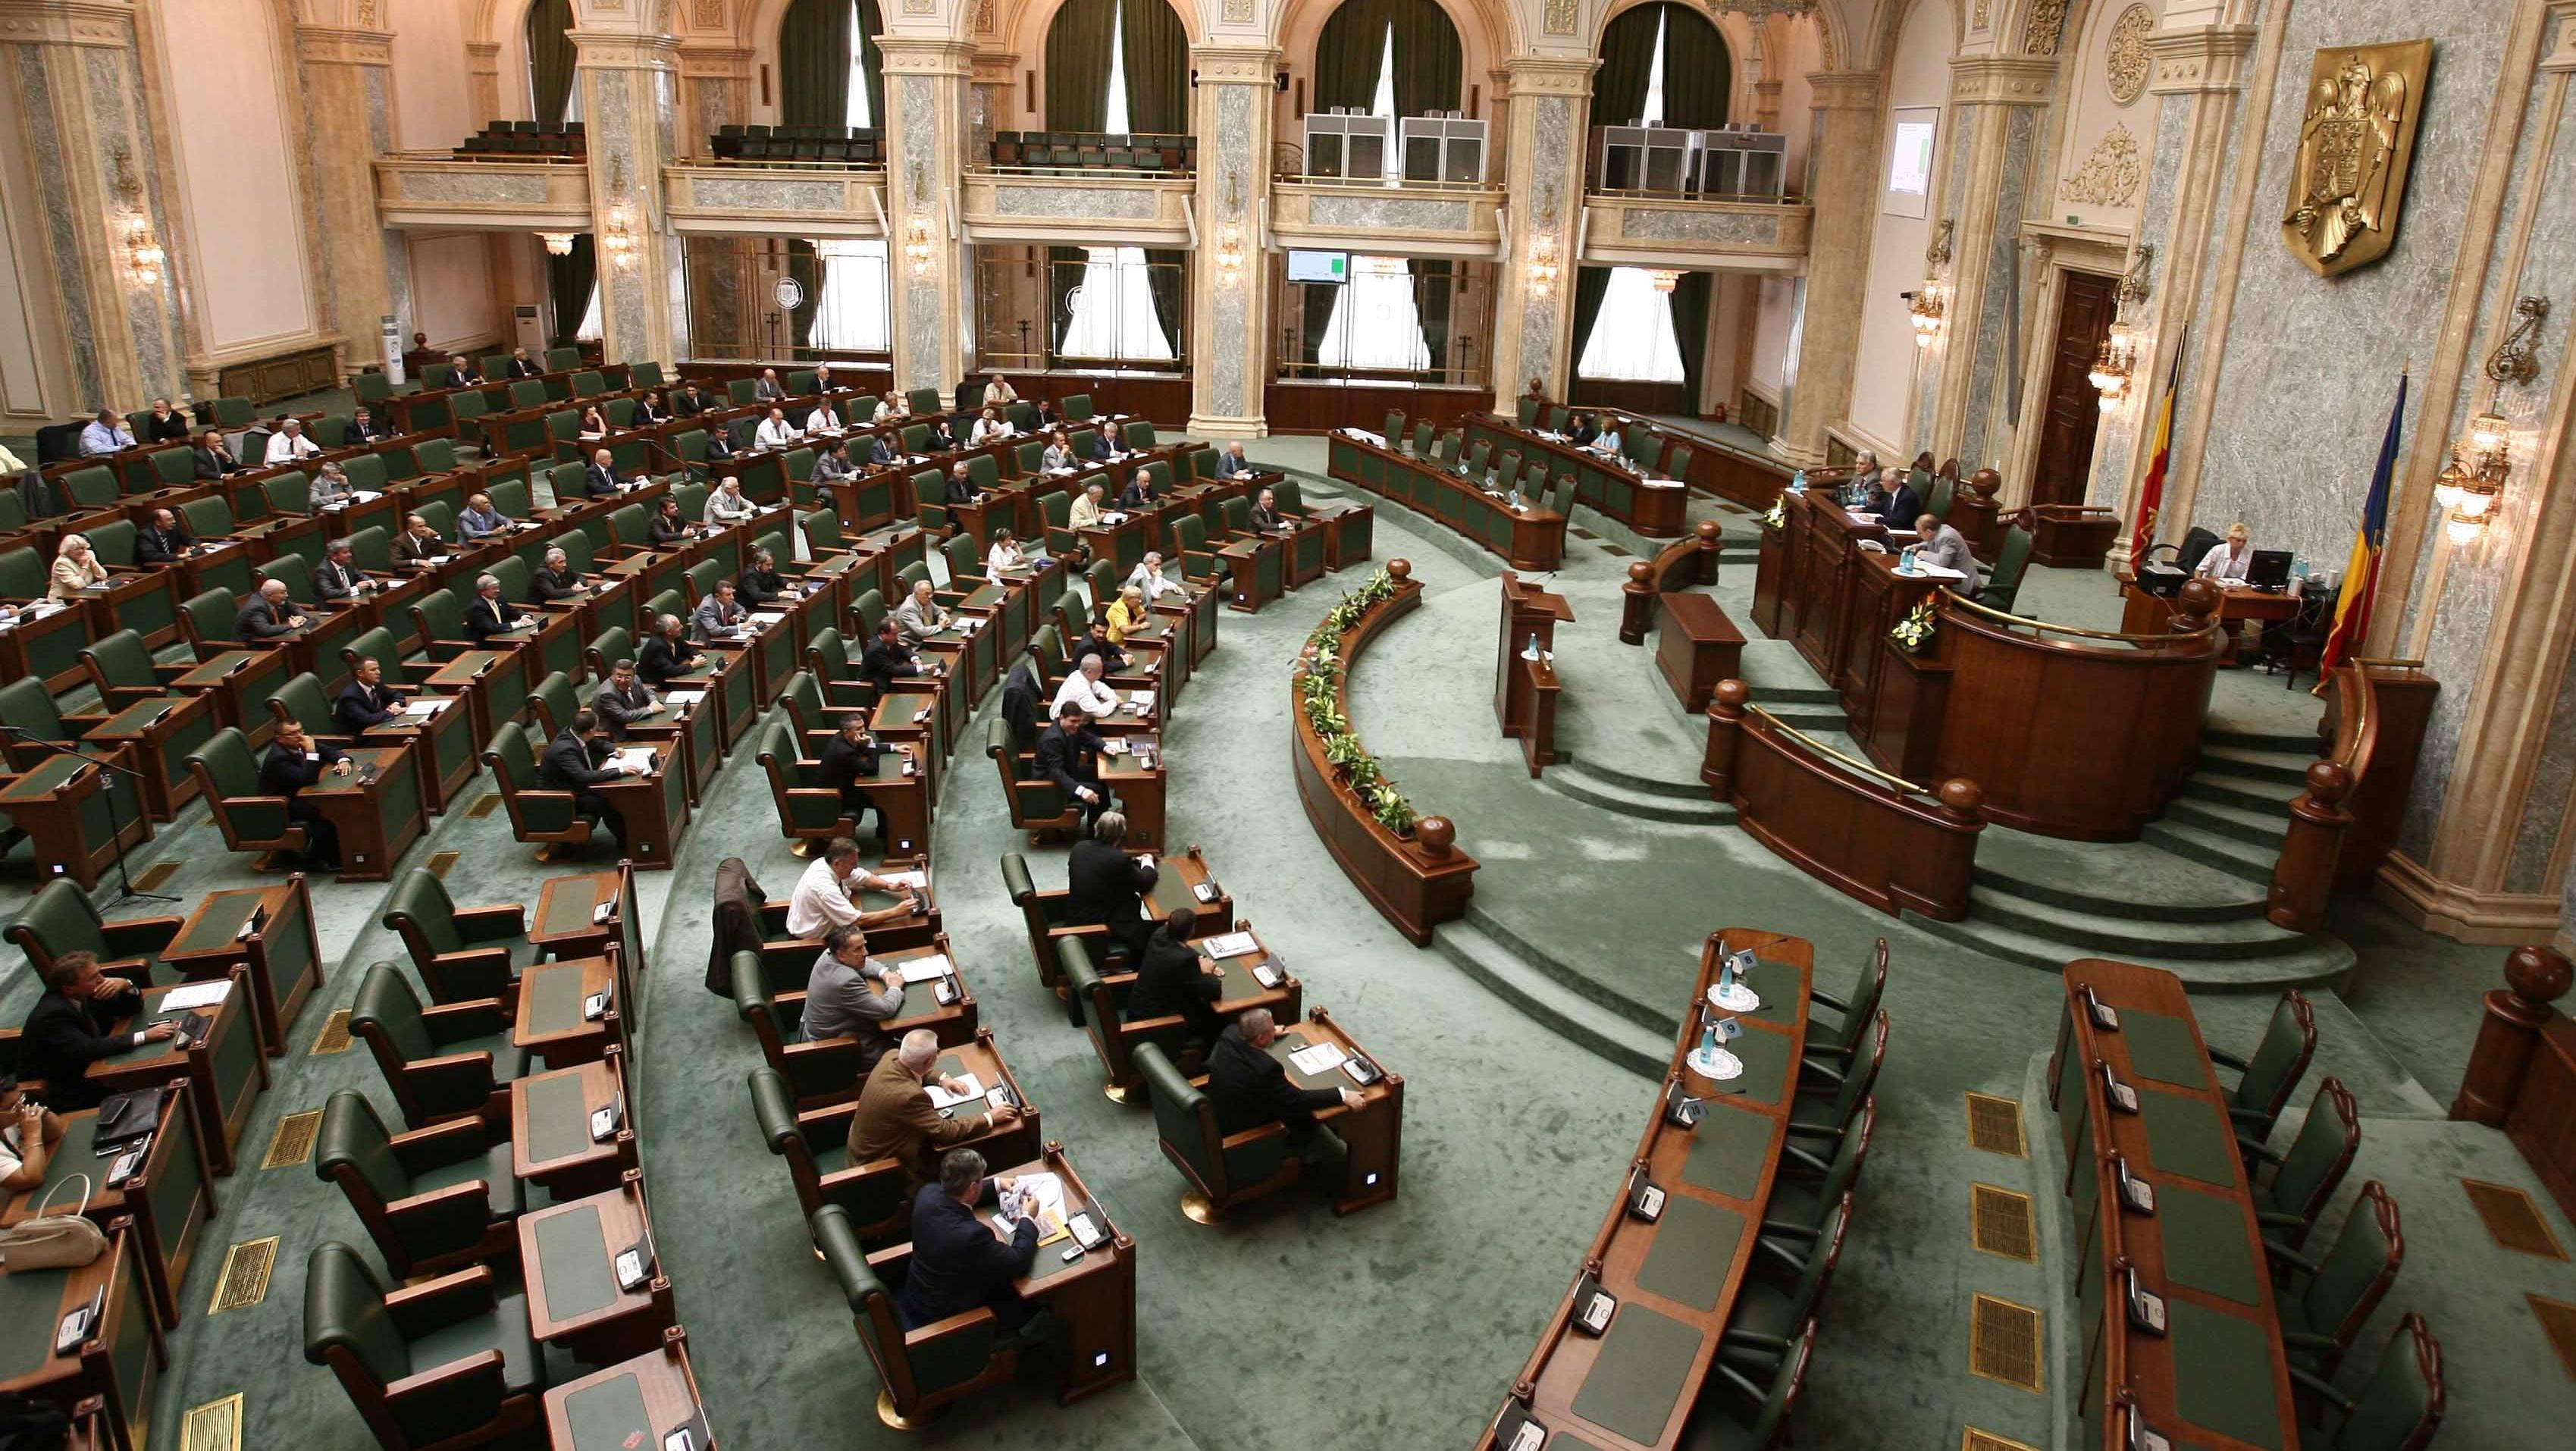 Legea amnistierii şi graţierii unor pedepse de până la 7 ani, adoptată în Comisia juridică